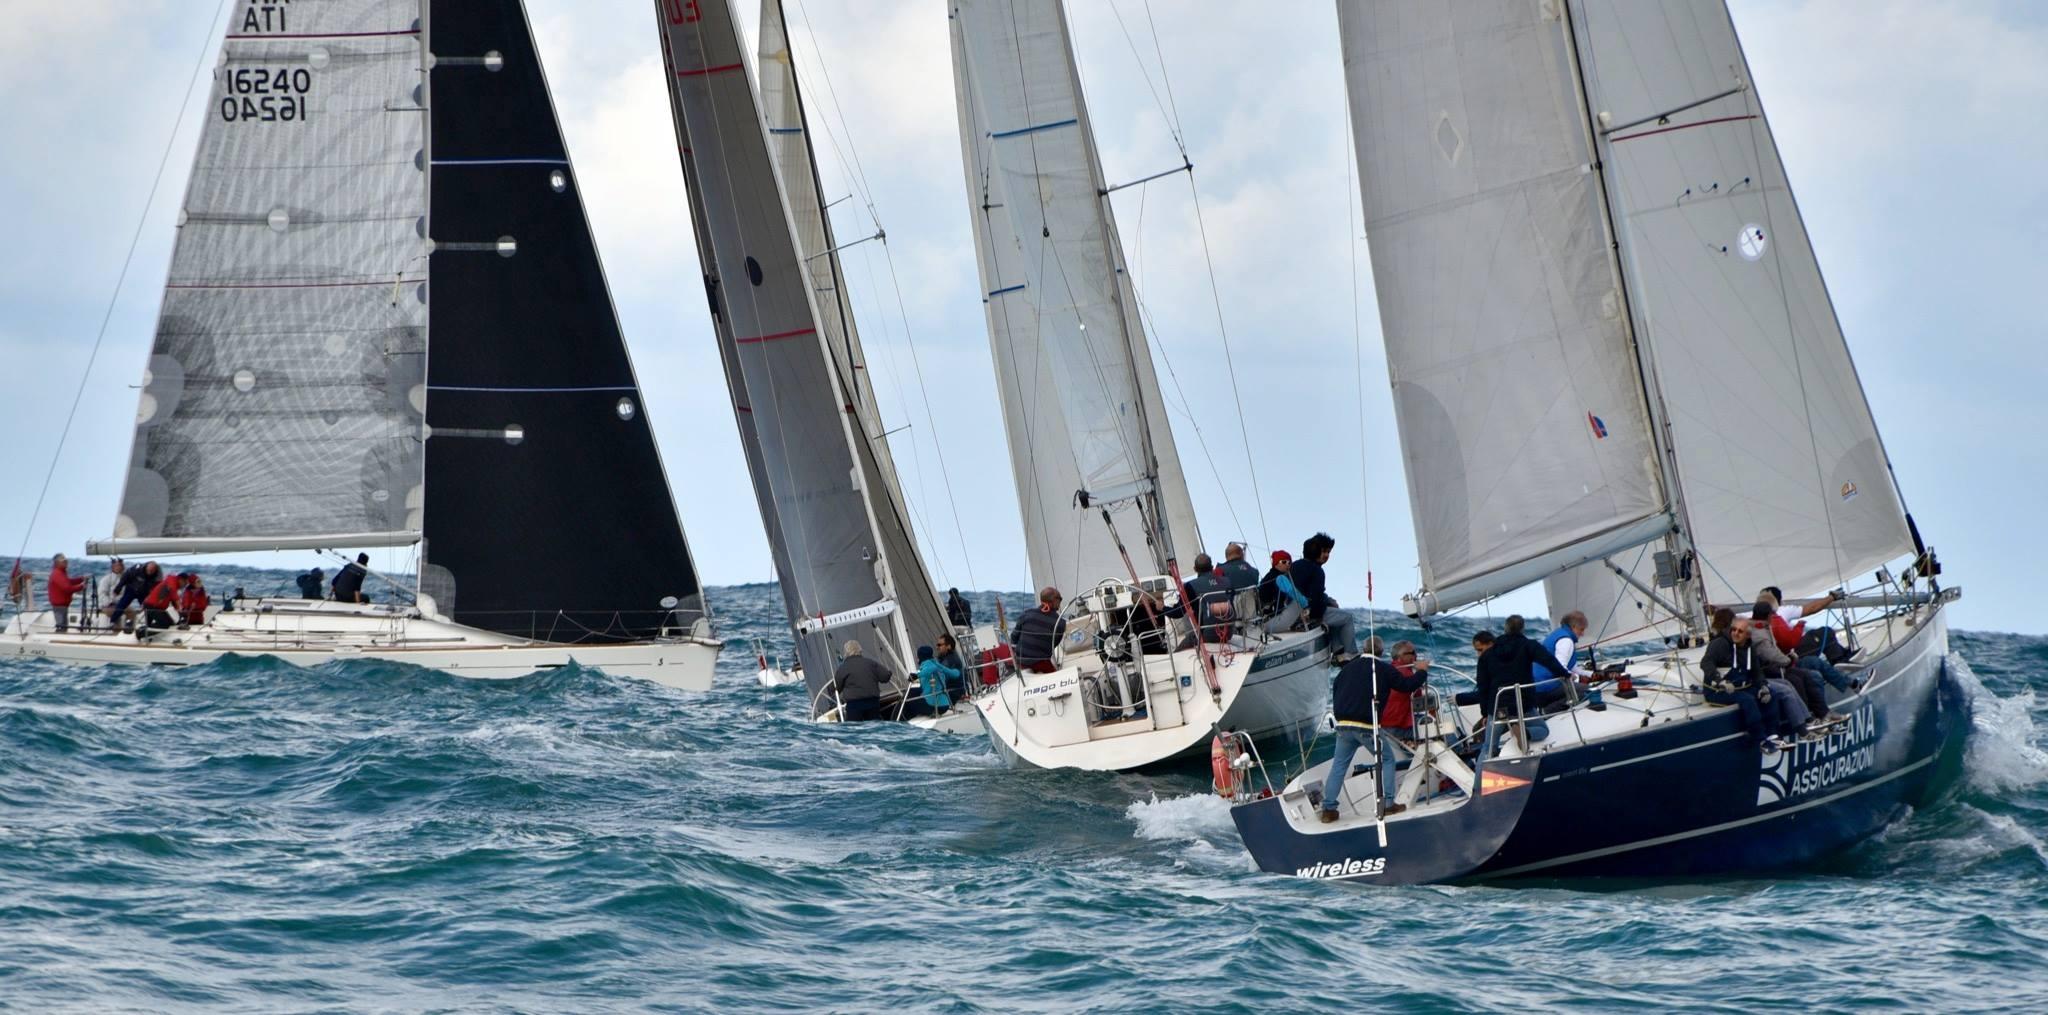 Classifiche della terza giornata di regata del Campionato Invernale del Sabato 2015